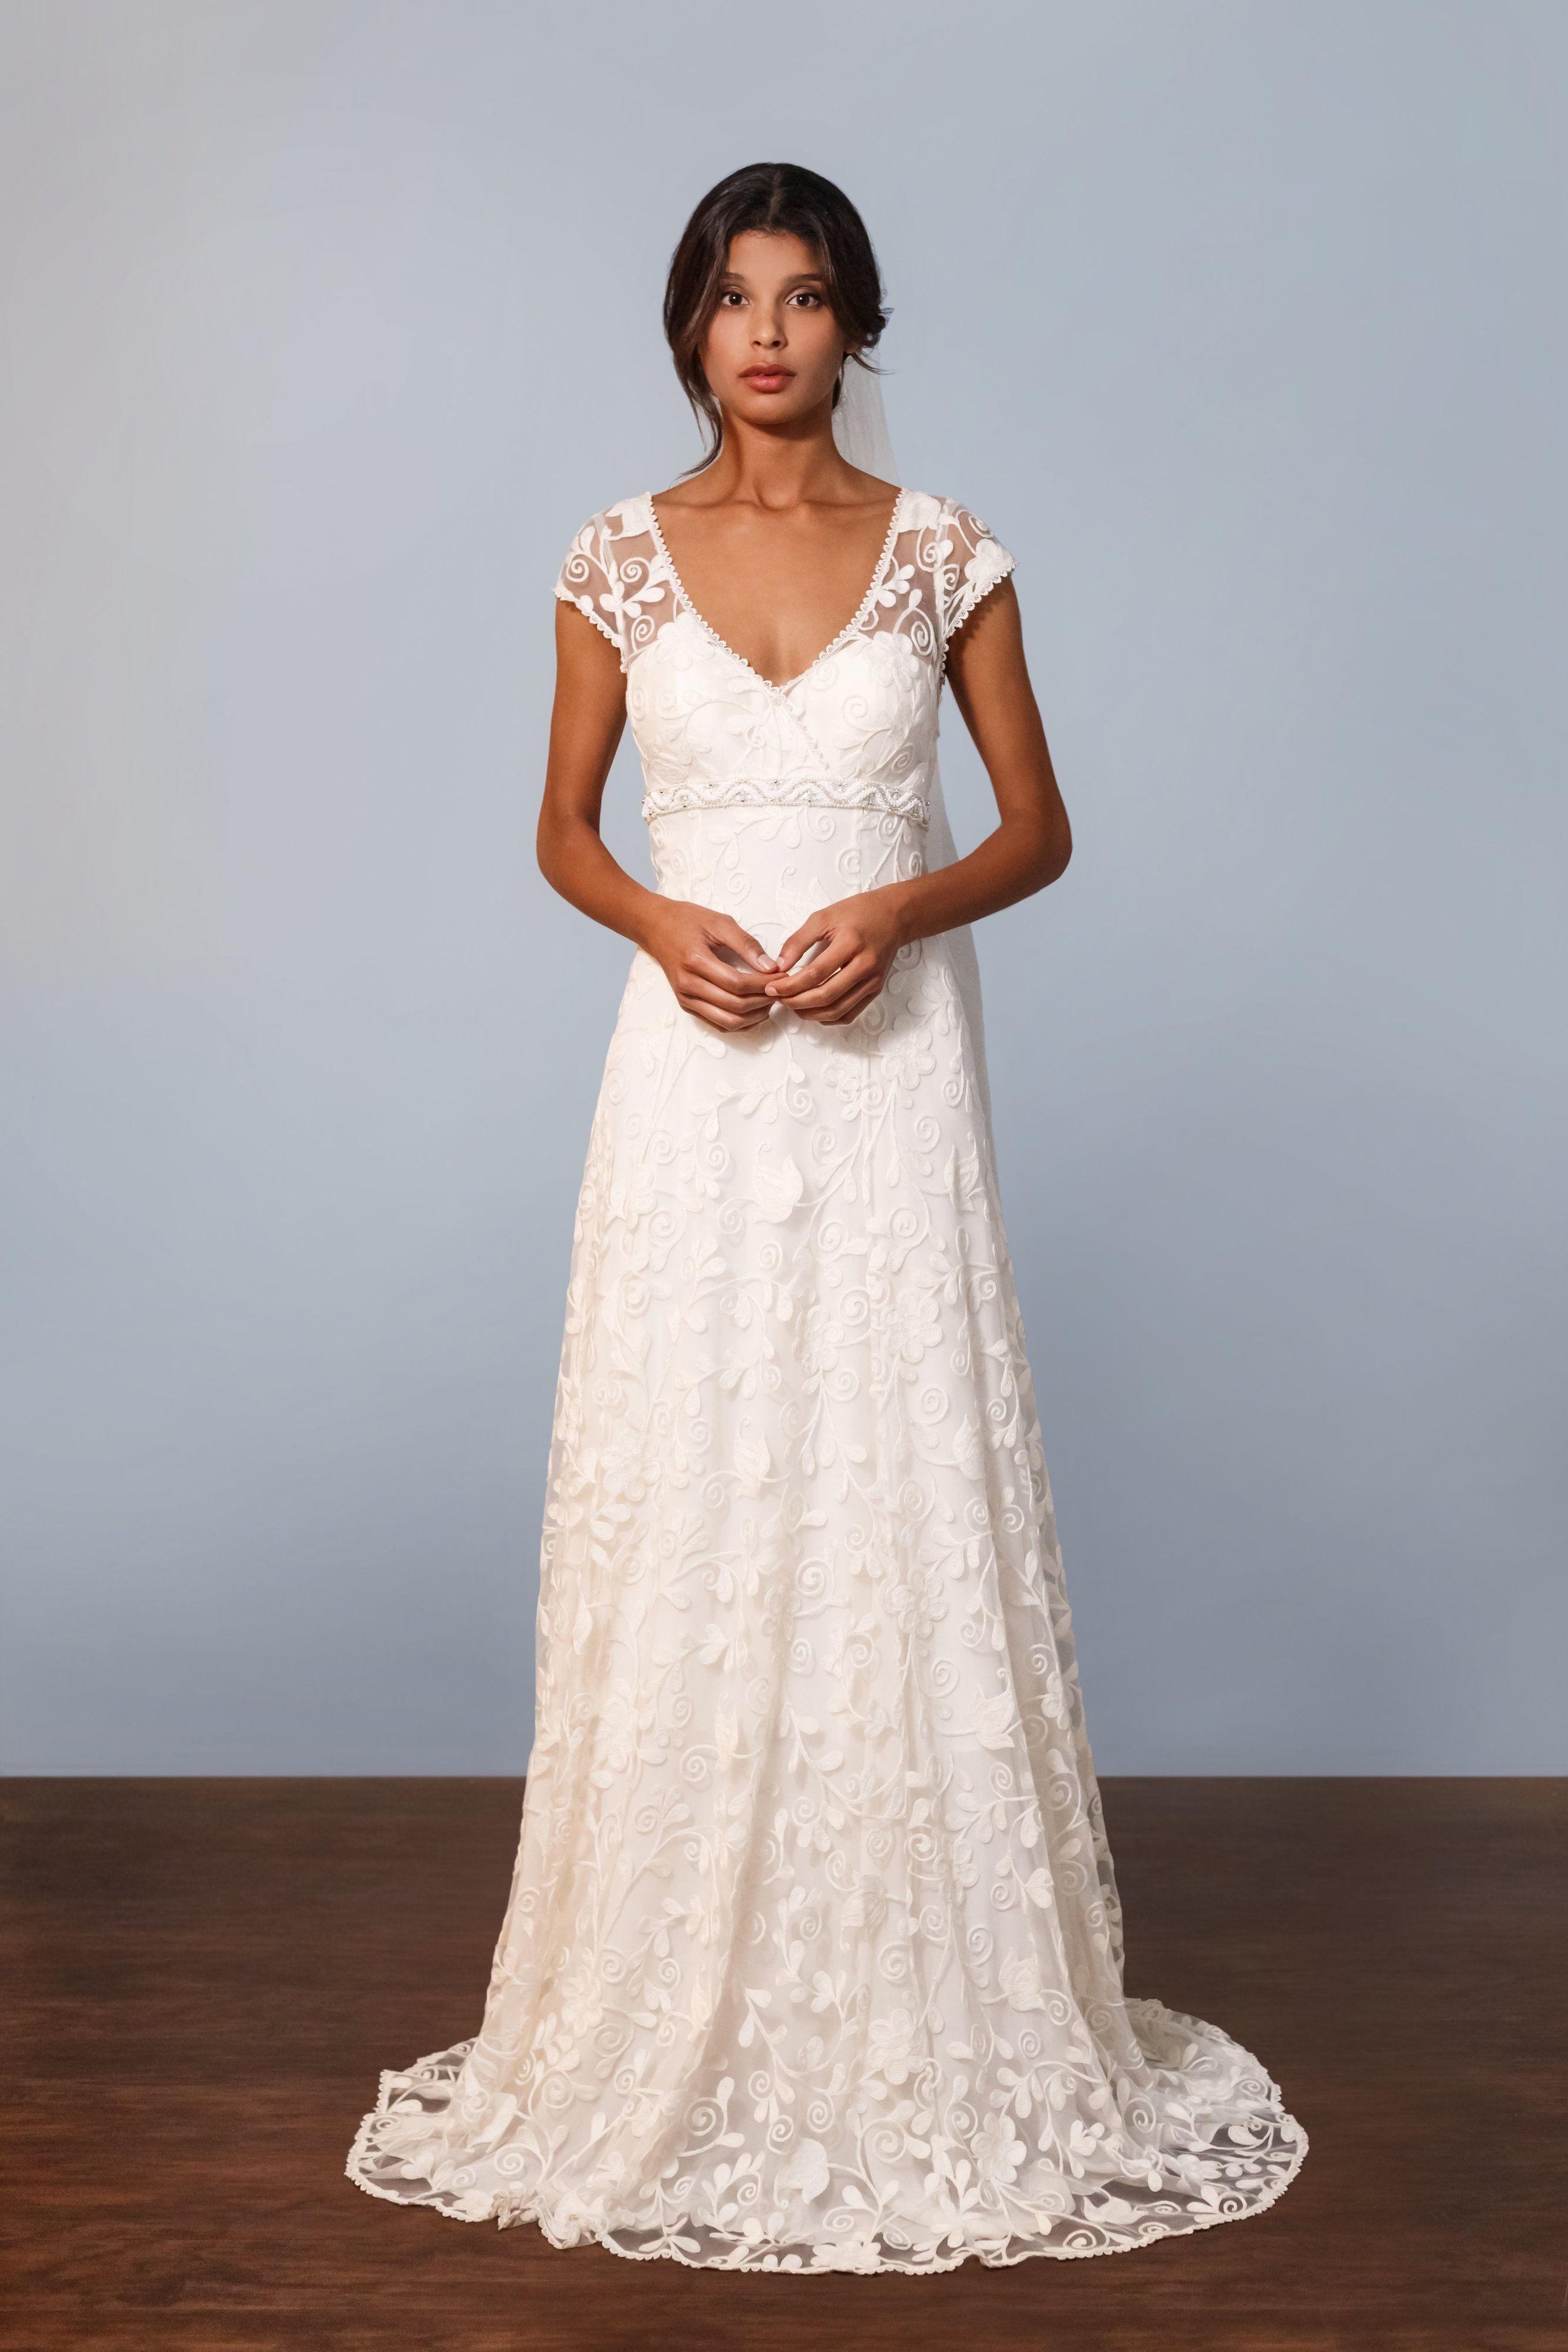 Famous Massive Wedding Dress Vignette - Womens Dresses & Gowns ...